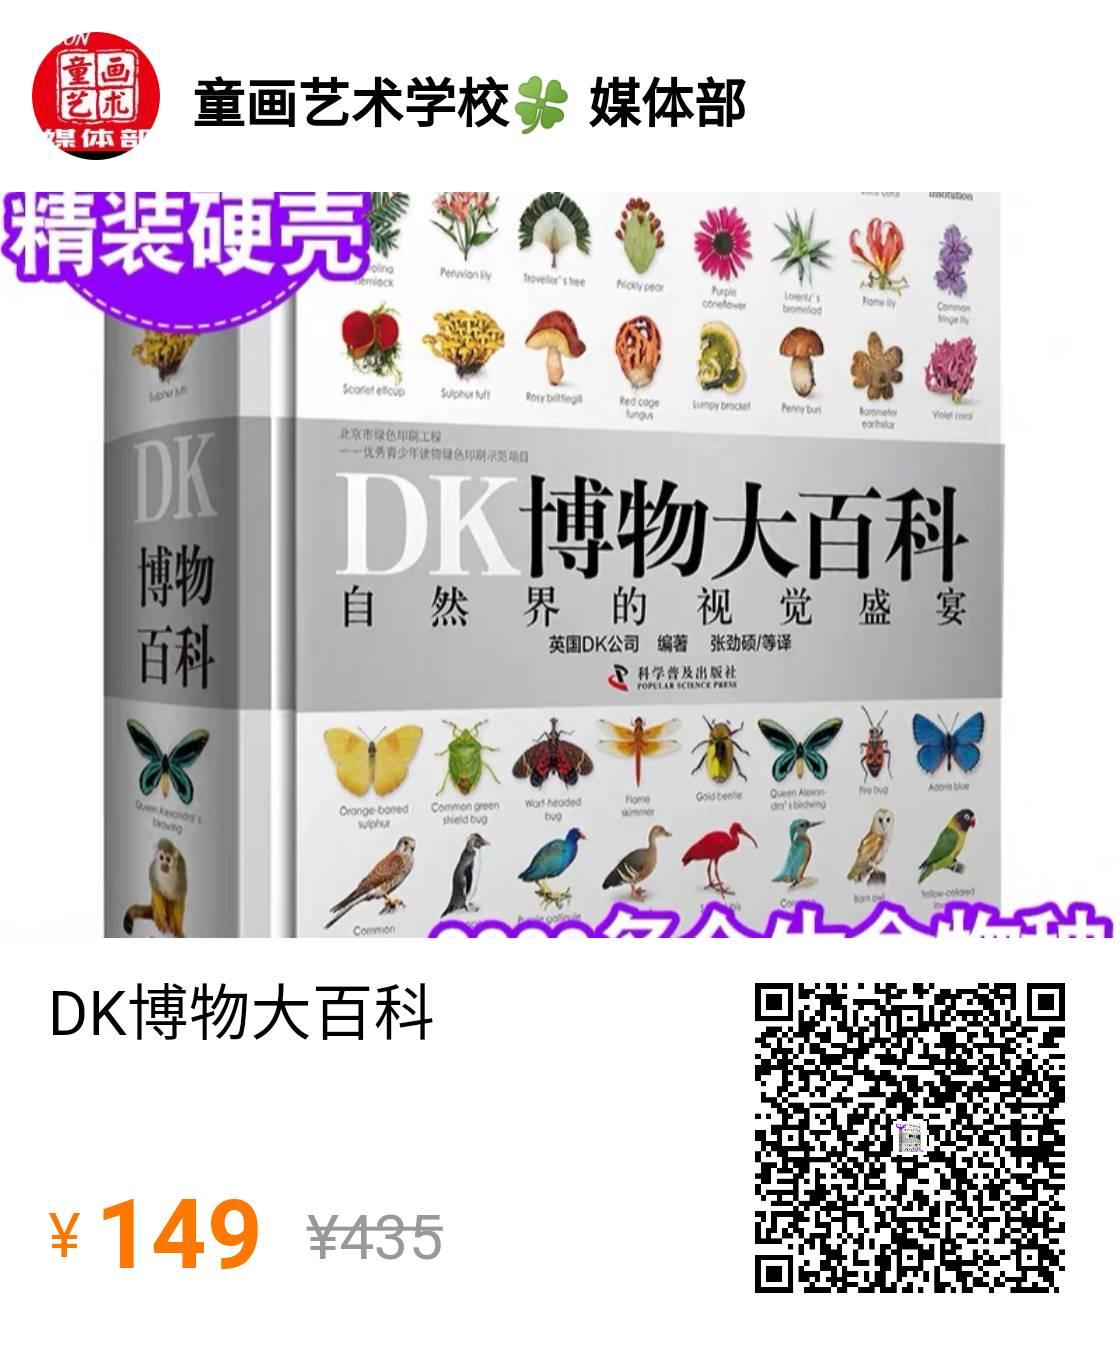 《DK博物大百科》:自然界的视觉盛宴! - 邓州门户网|邓州网 - 149.jpg